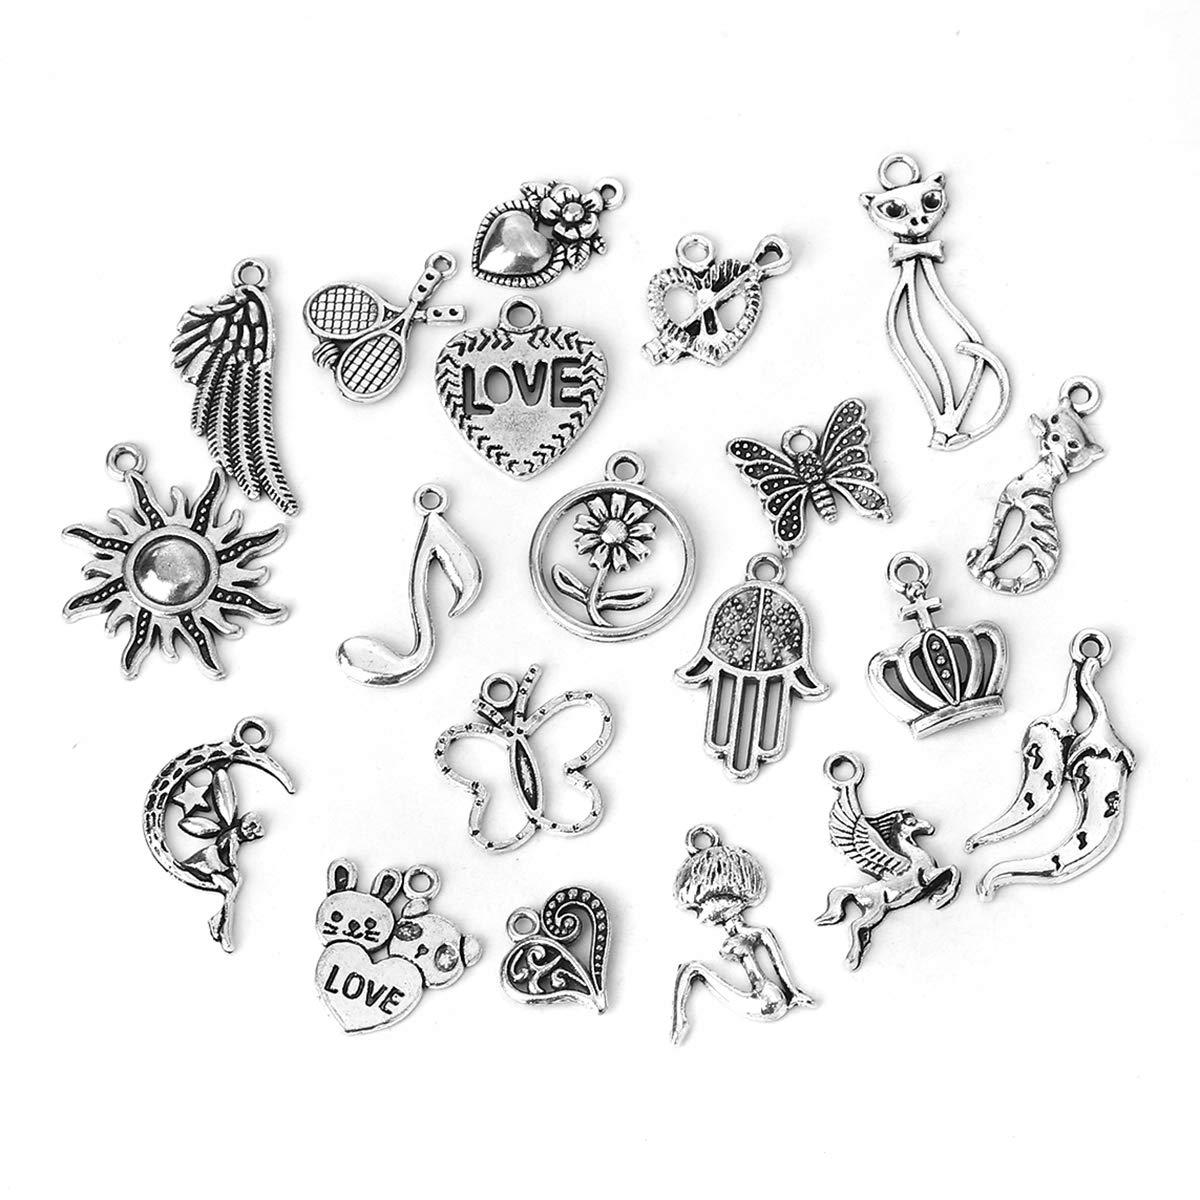 Obling 20pz perline risultati zinco lega ciondoli per creazione gioielli bracciale collana, antique silver tone, A B-Ling